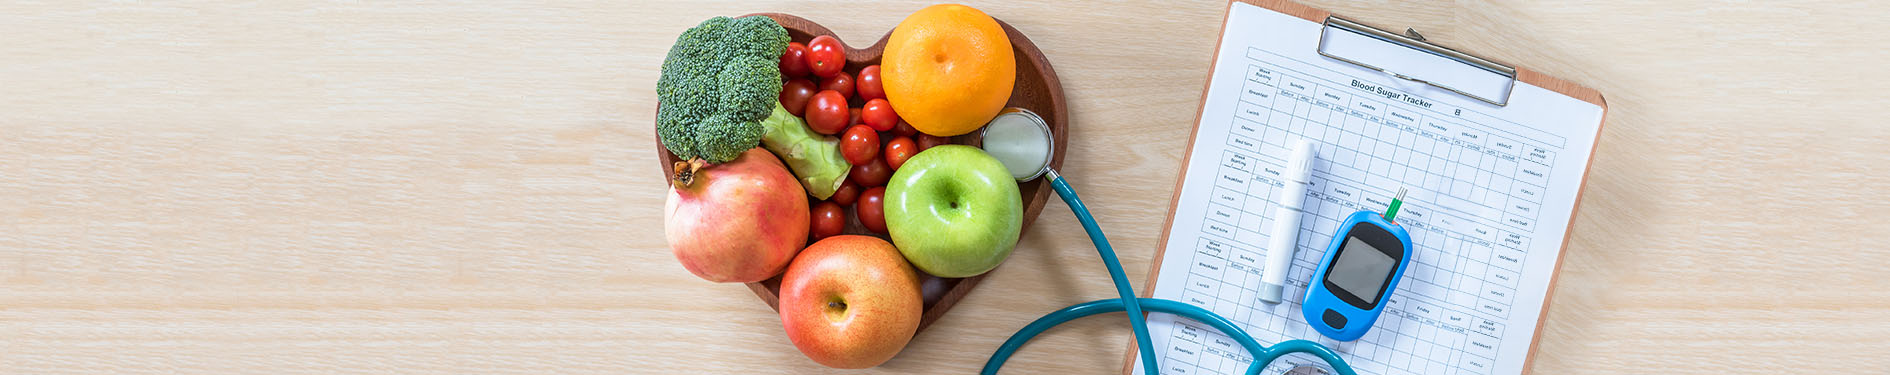 owoce na biurku